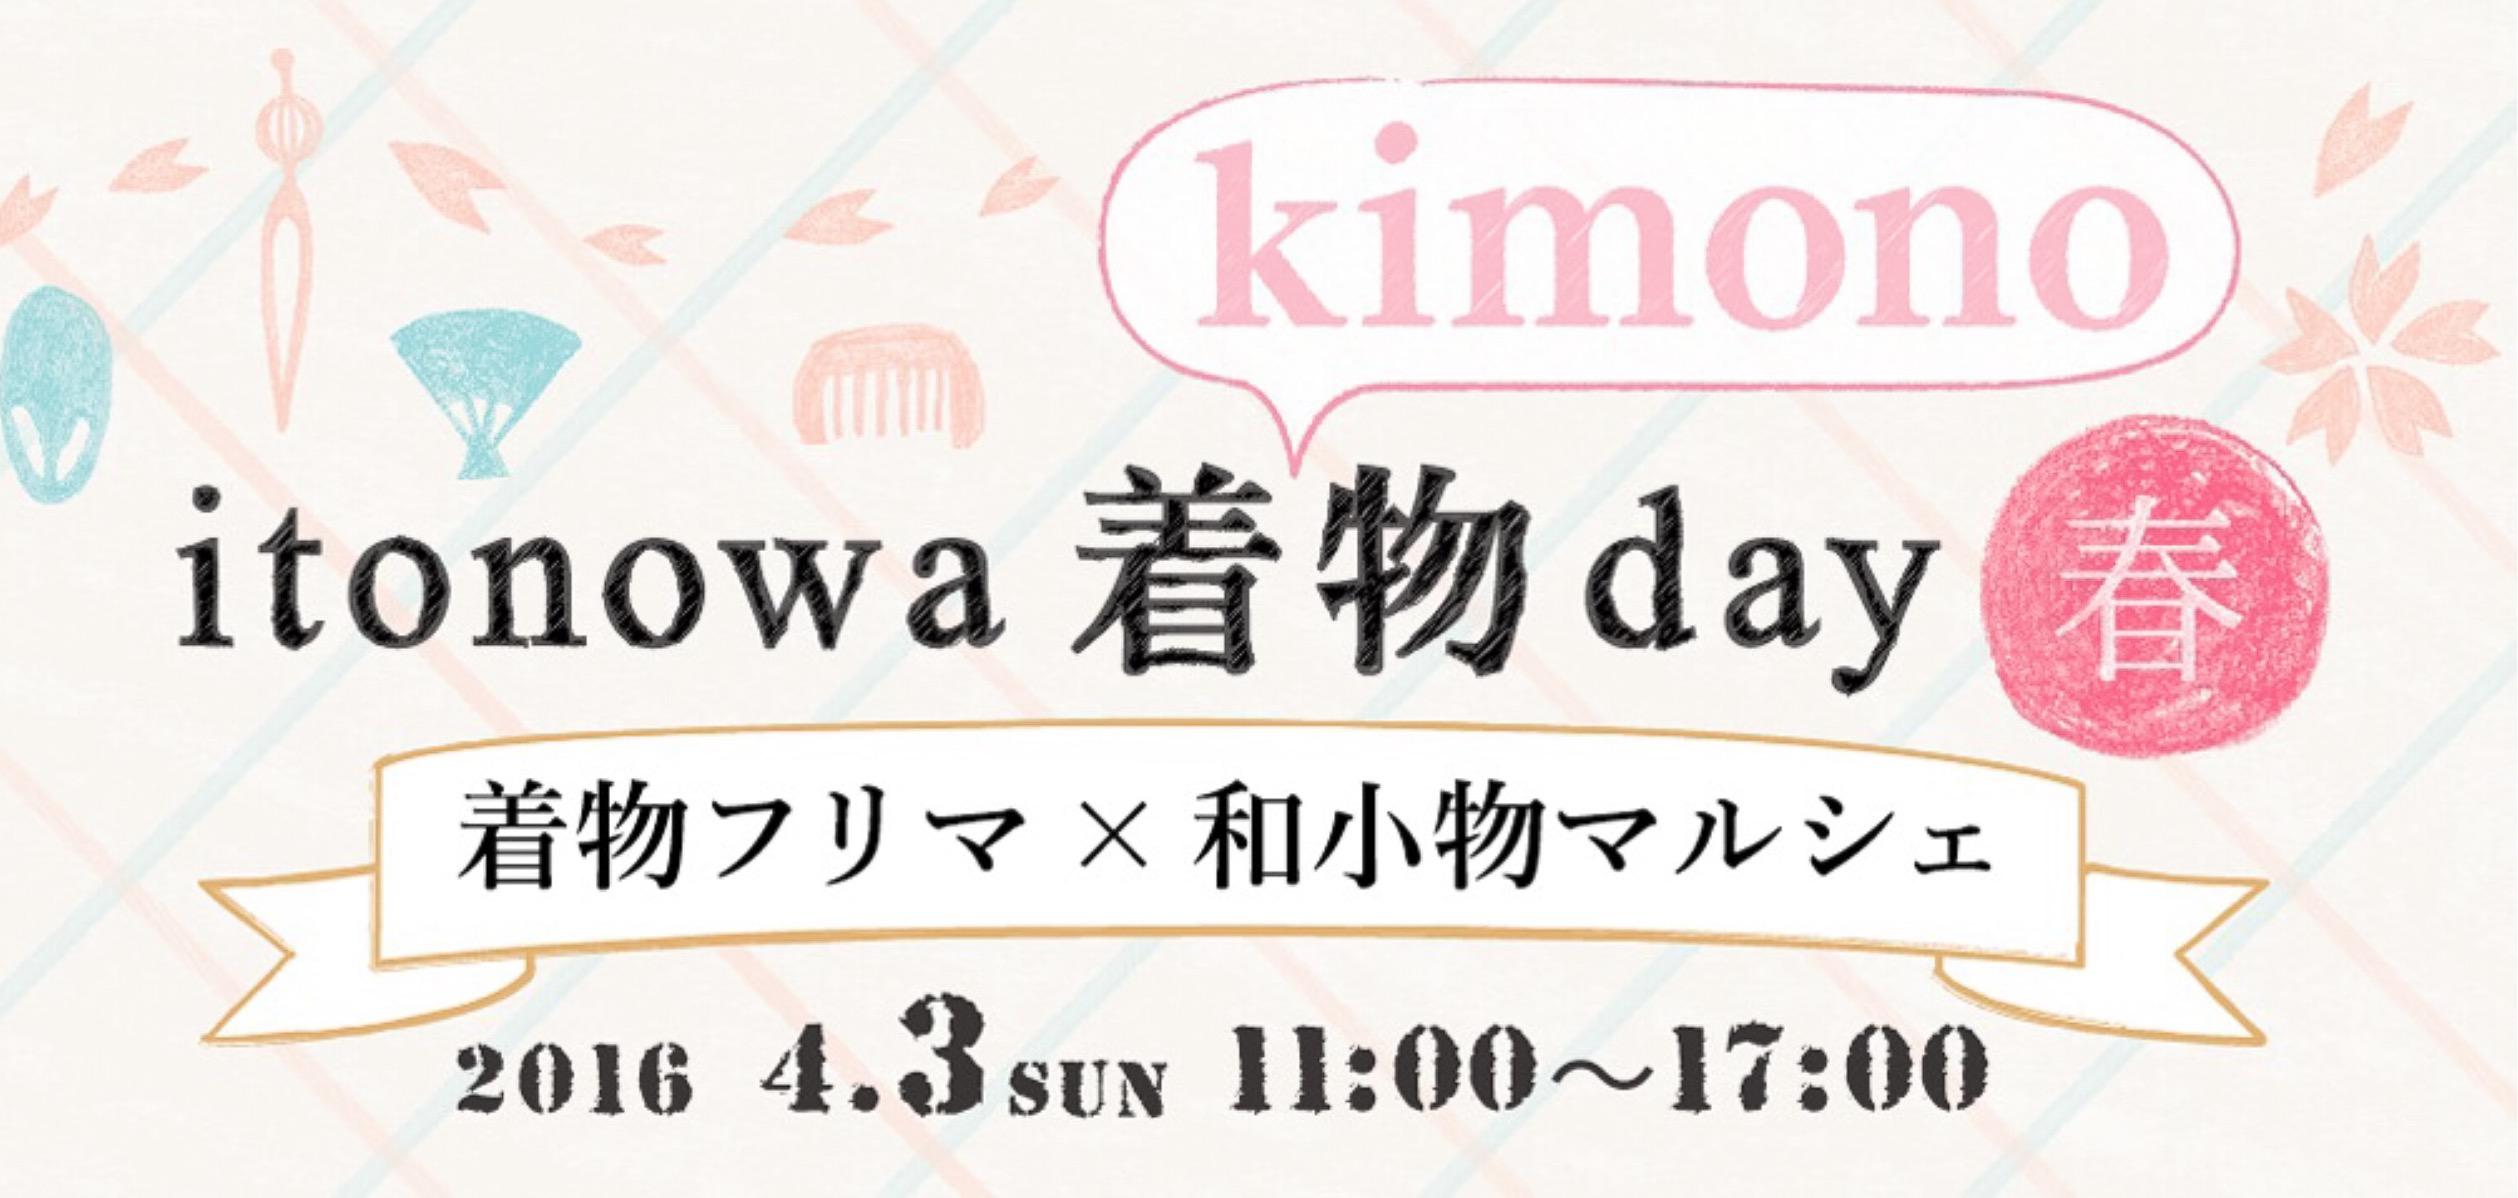 itonowa着物day 〜着物フリマ×和小物マルシェ〜